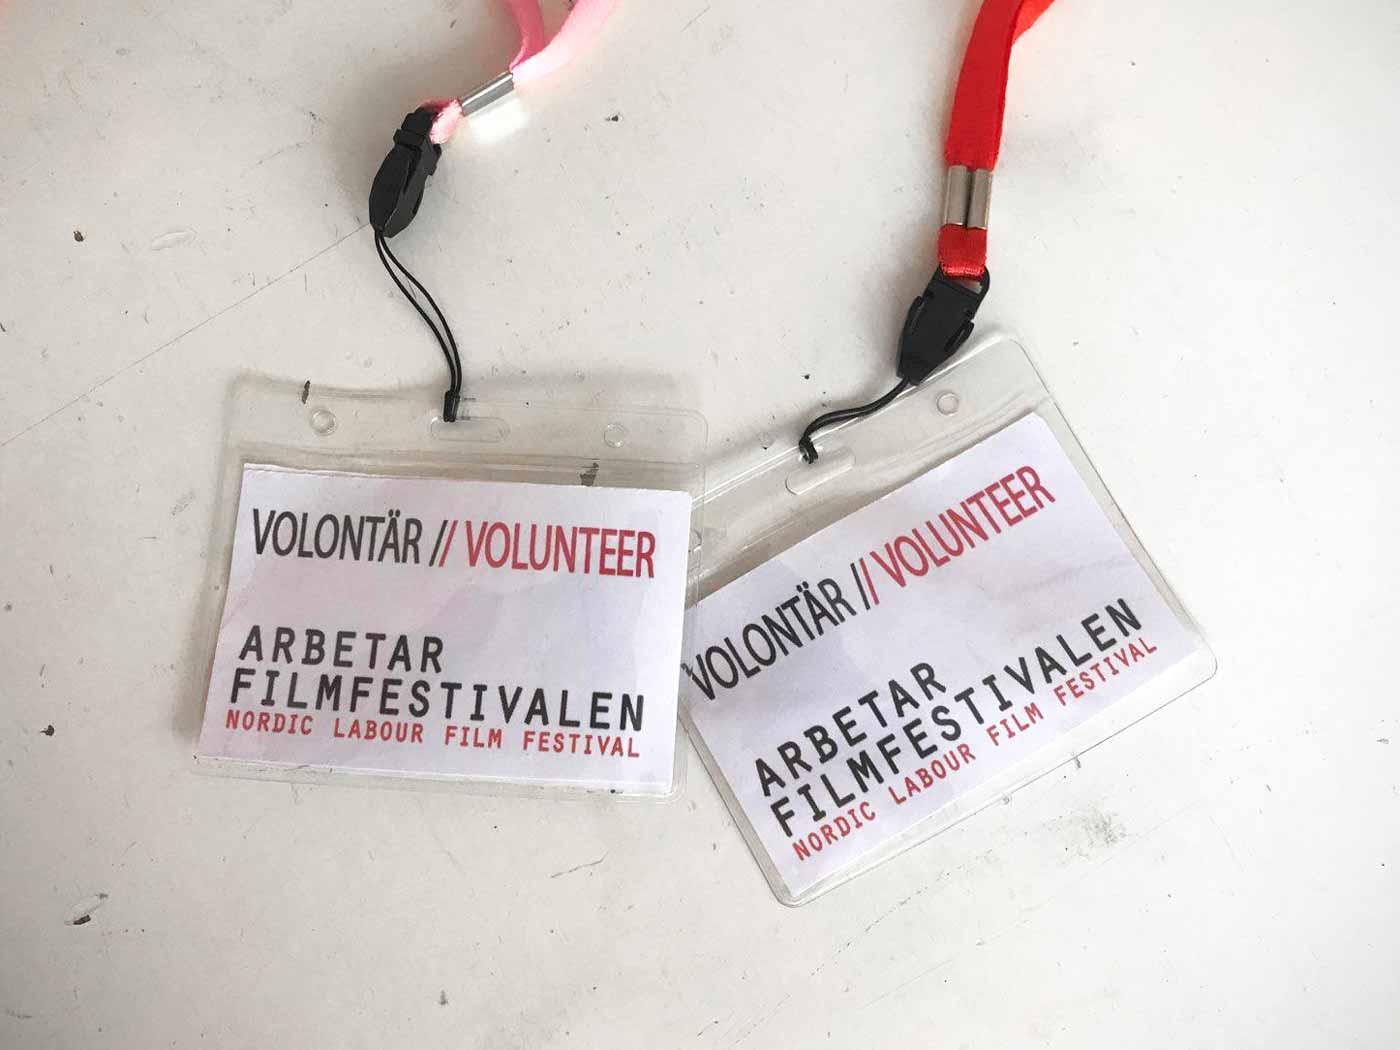 Volontära på festivalen // Volunteer at the Festival